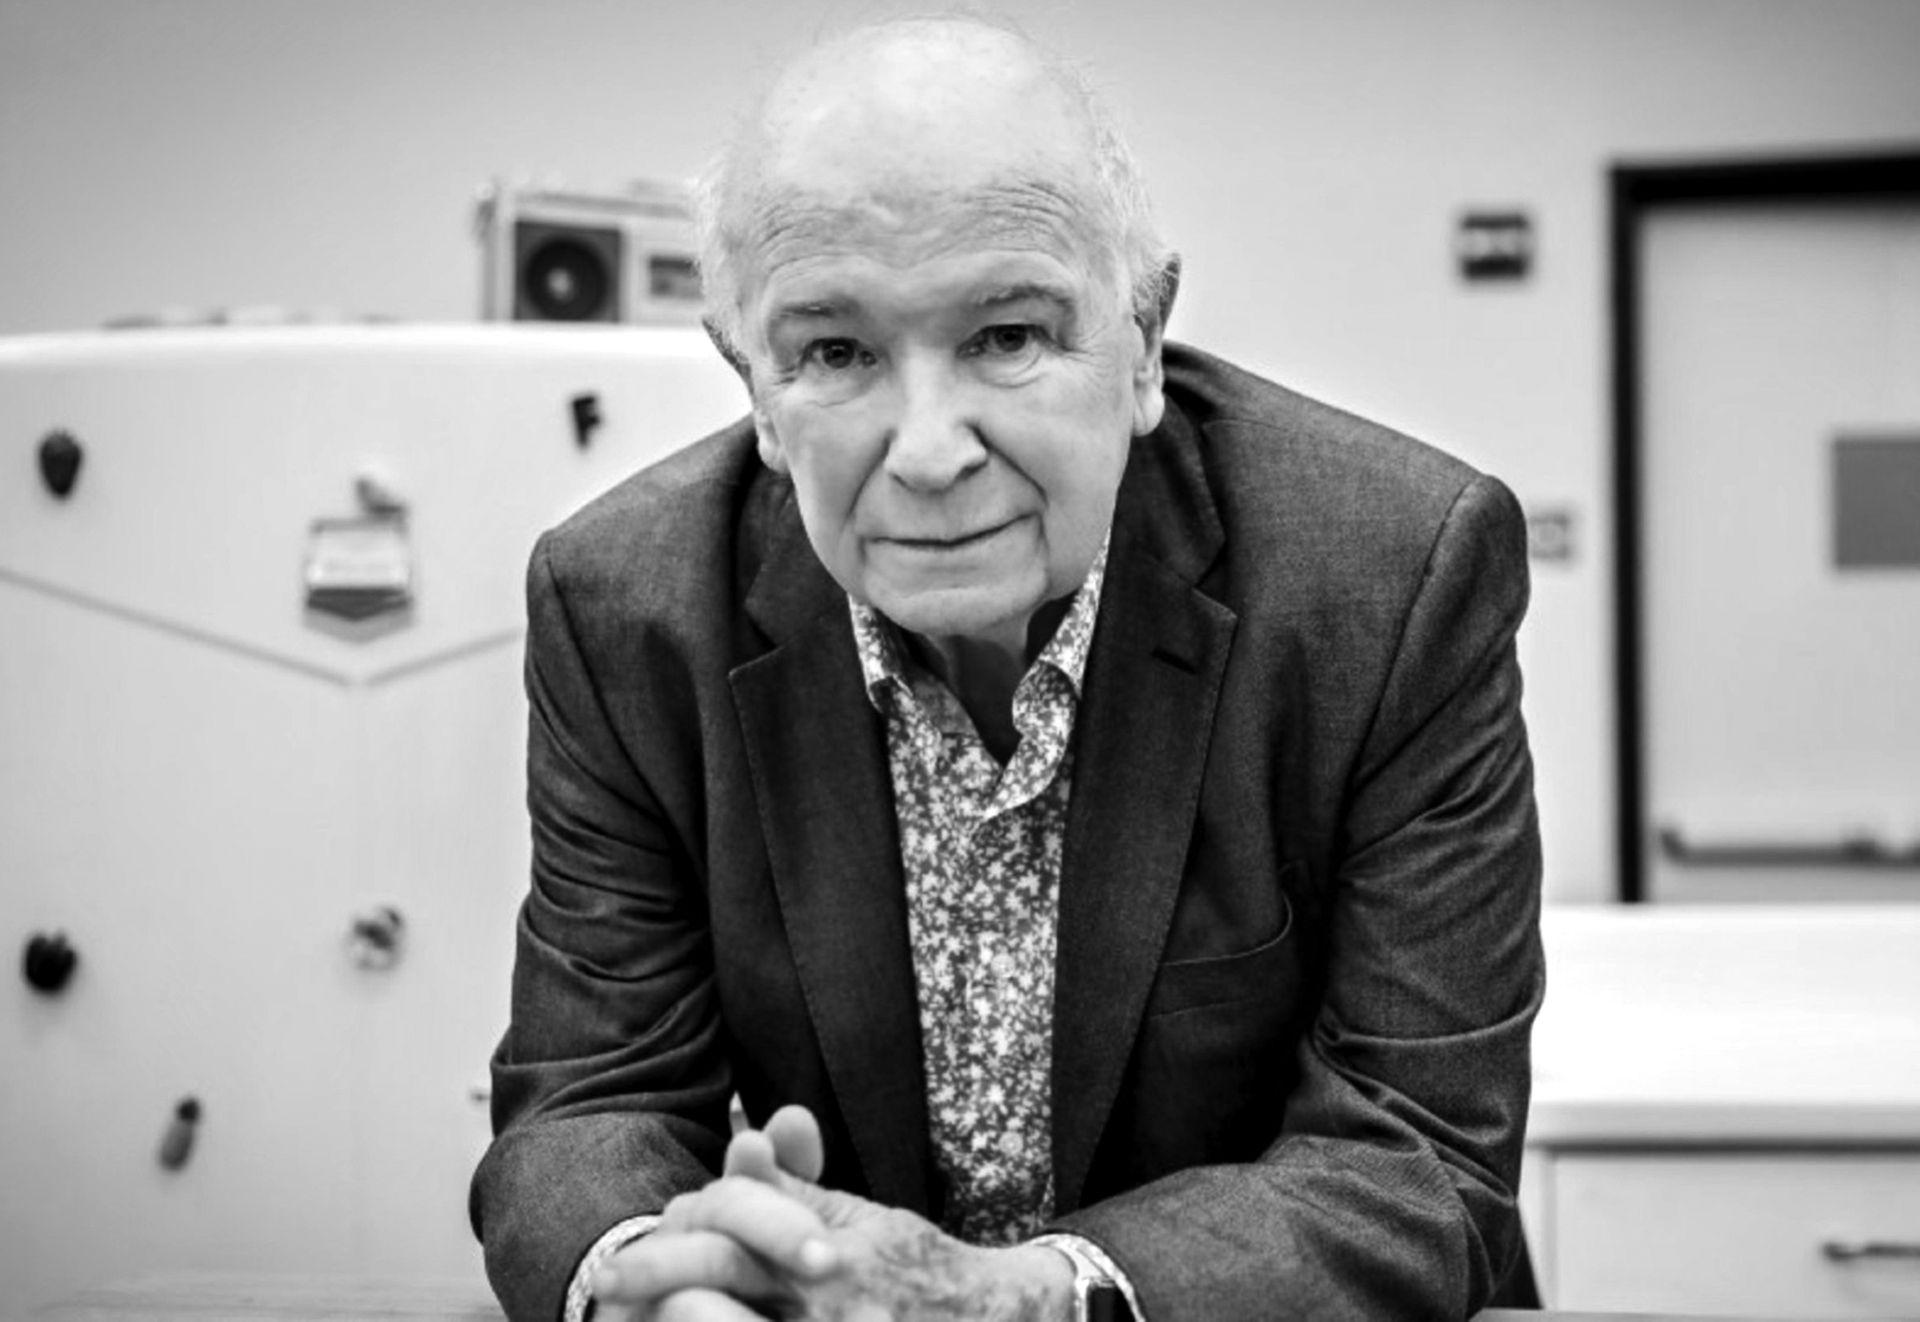 El dramaturgo Terrence McNally murió a los 81 años, víctima de coronavirus